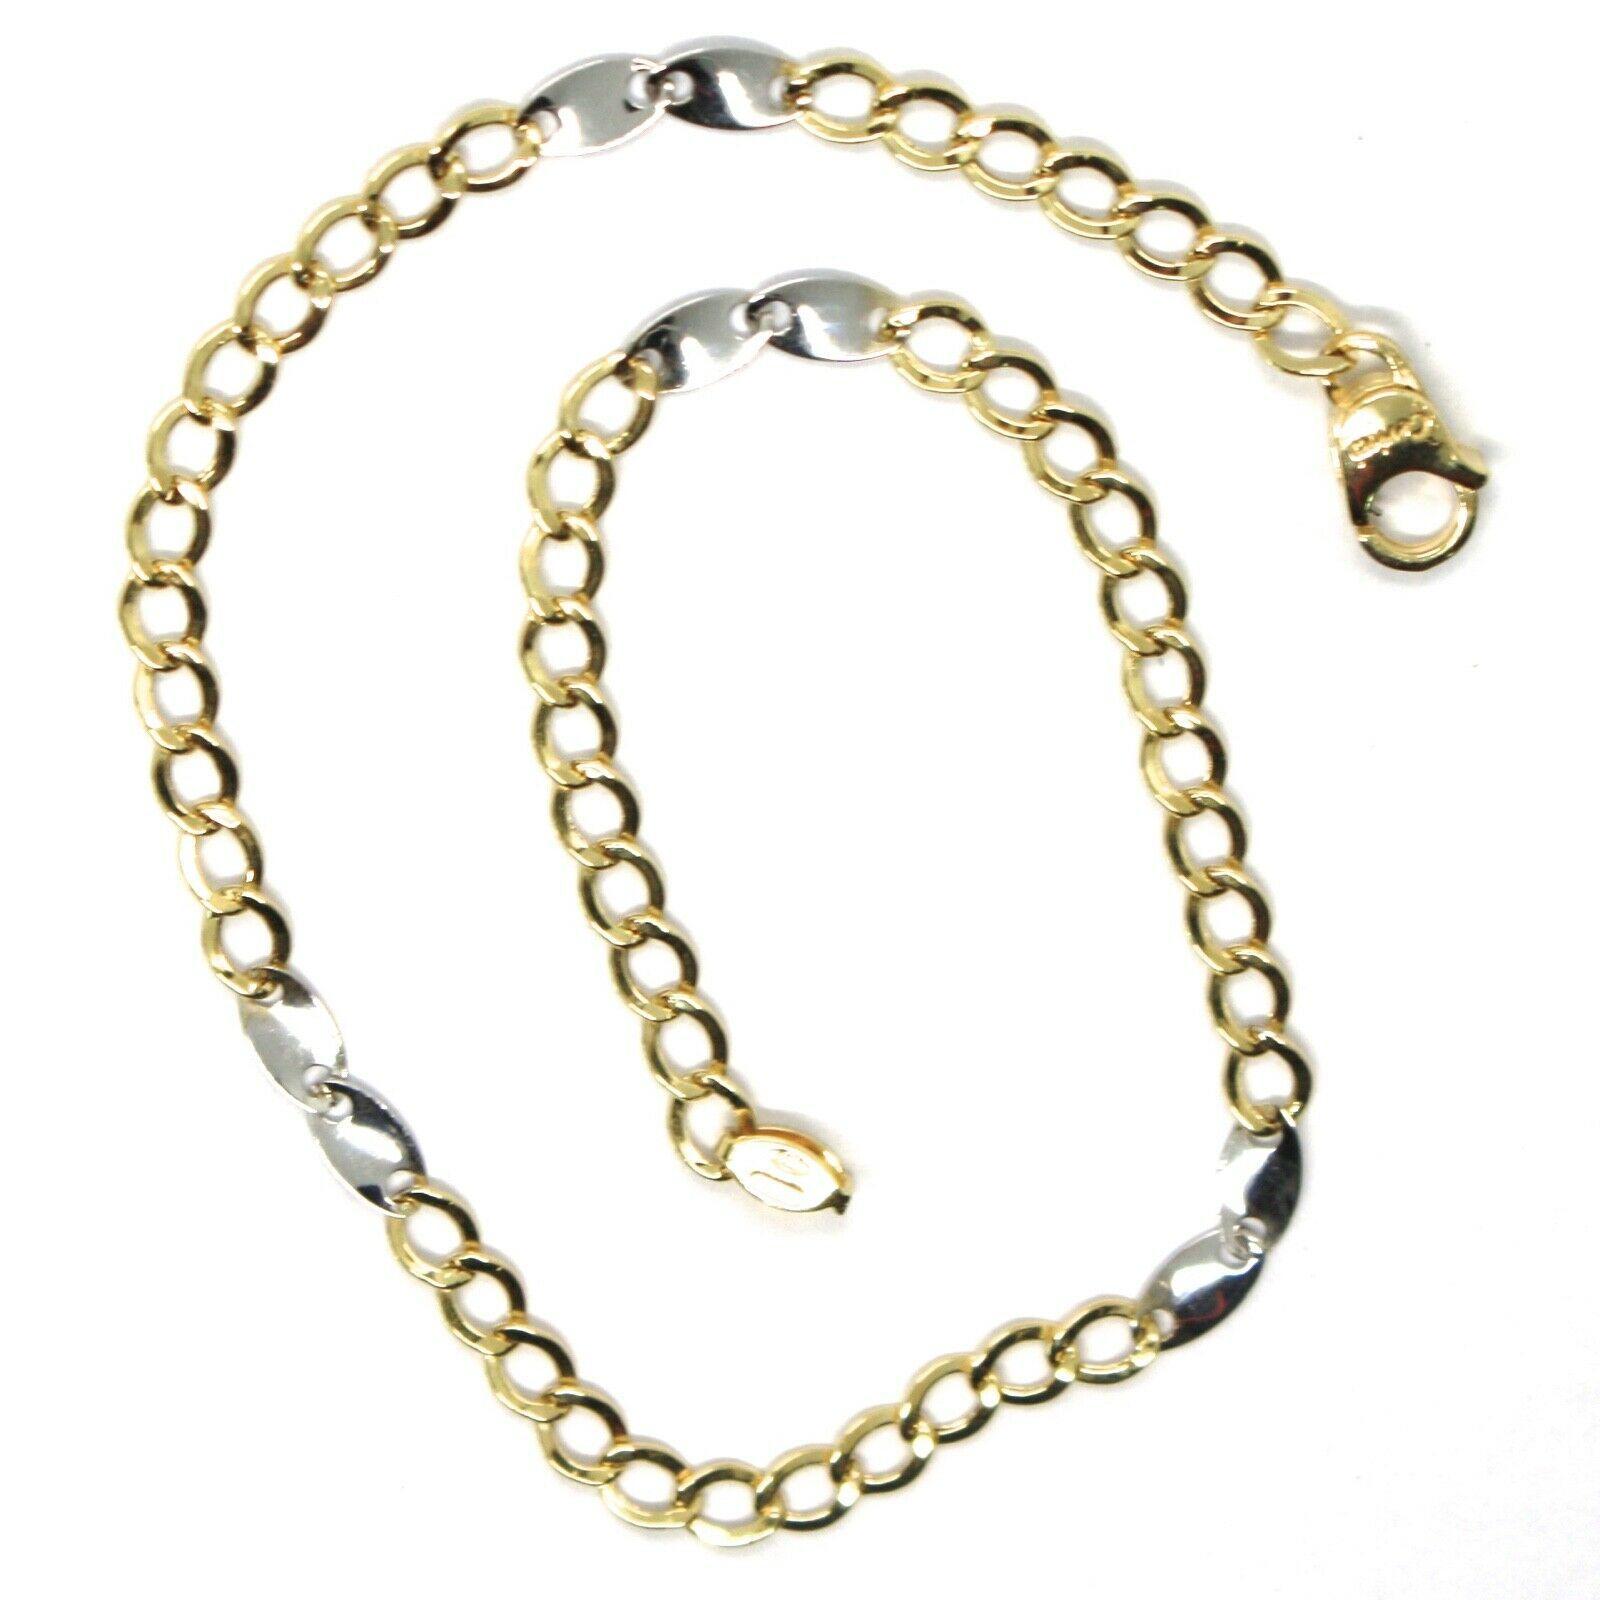 Armband Gelbgold und Weiß 18K 750, Curb Chain Damen Doppelt Ovale Abwechselnde, image 2